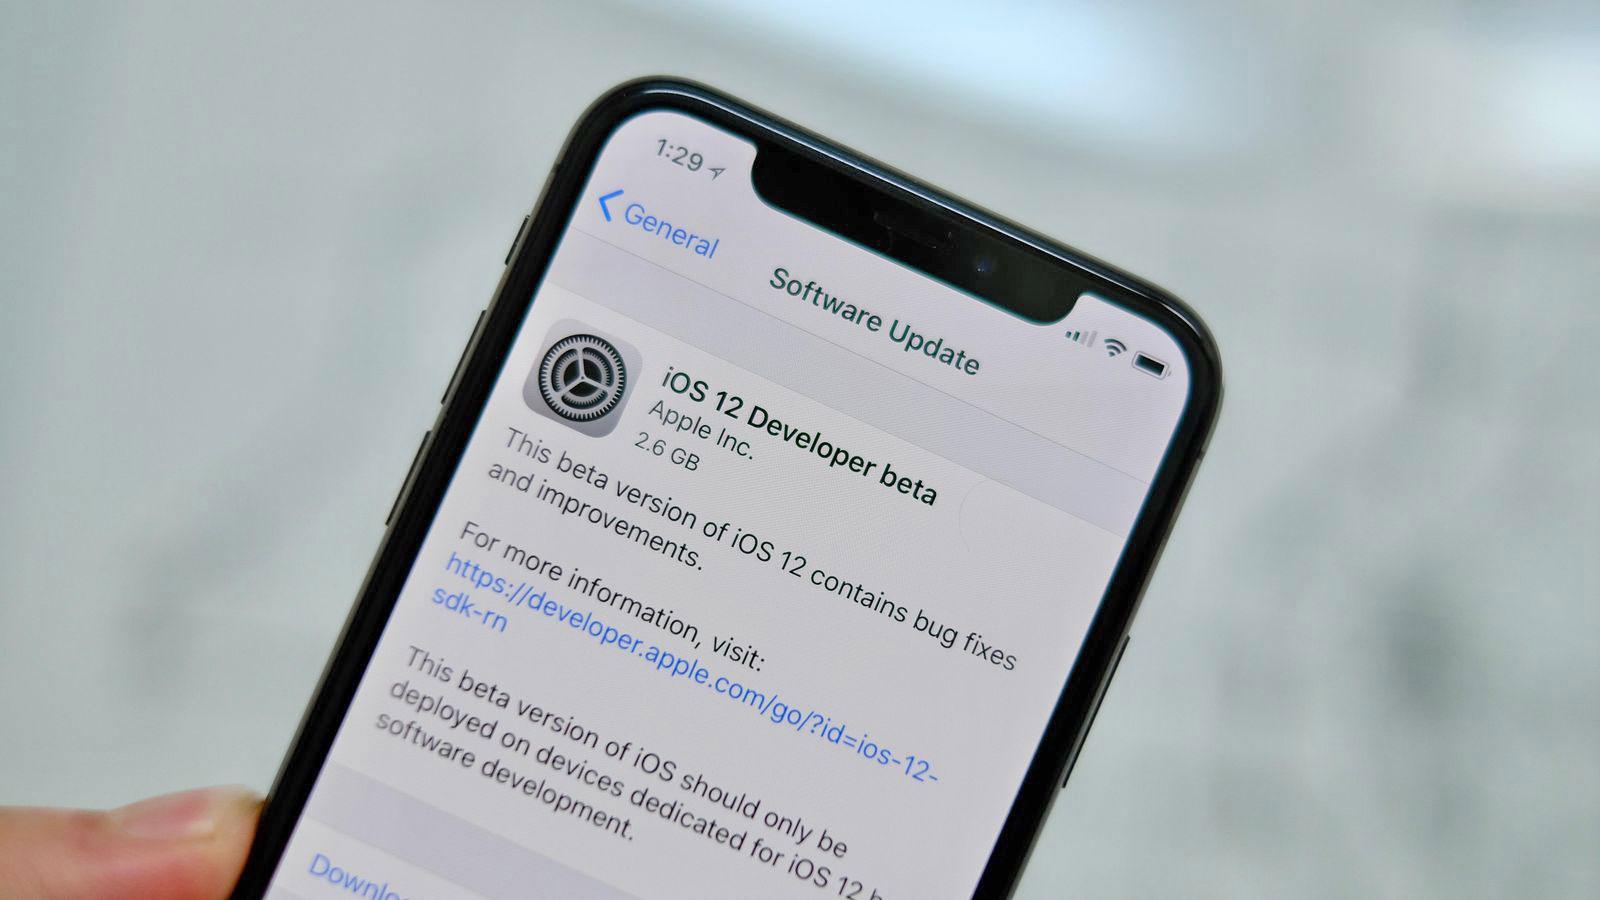 تست سرعت آیفون X با iOS 12 در کنار گلکسی اس 9 پلاس